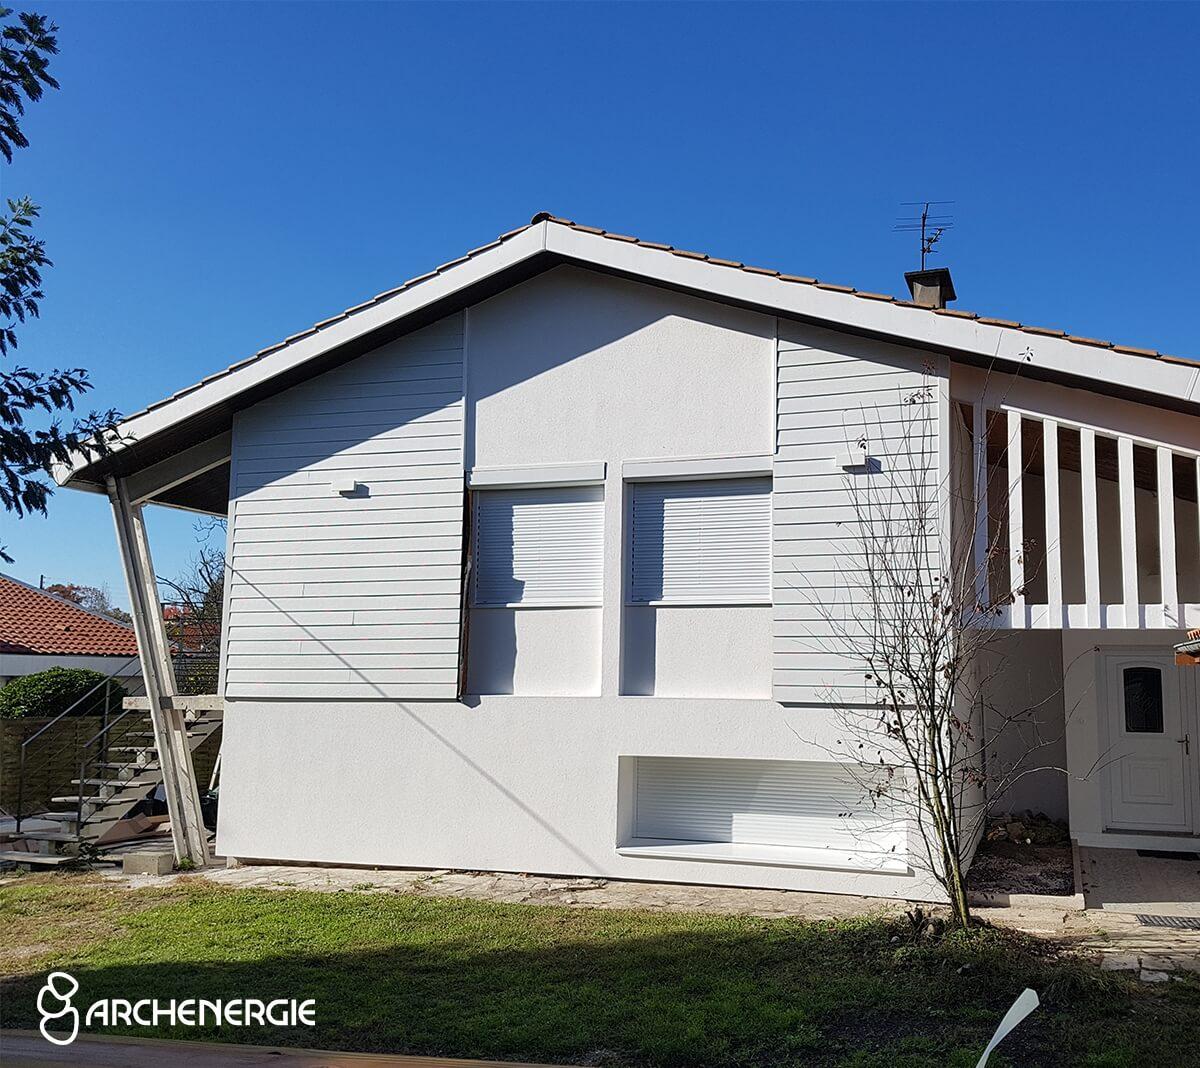 Une nouvelle enveloppe pour cette maison de Mérignac - Après rénovation